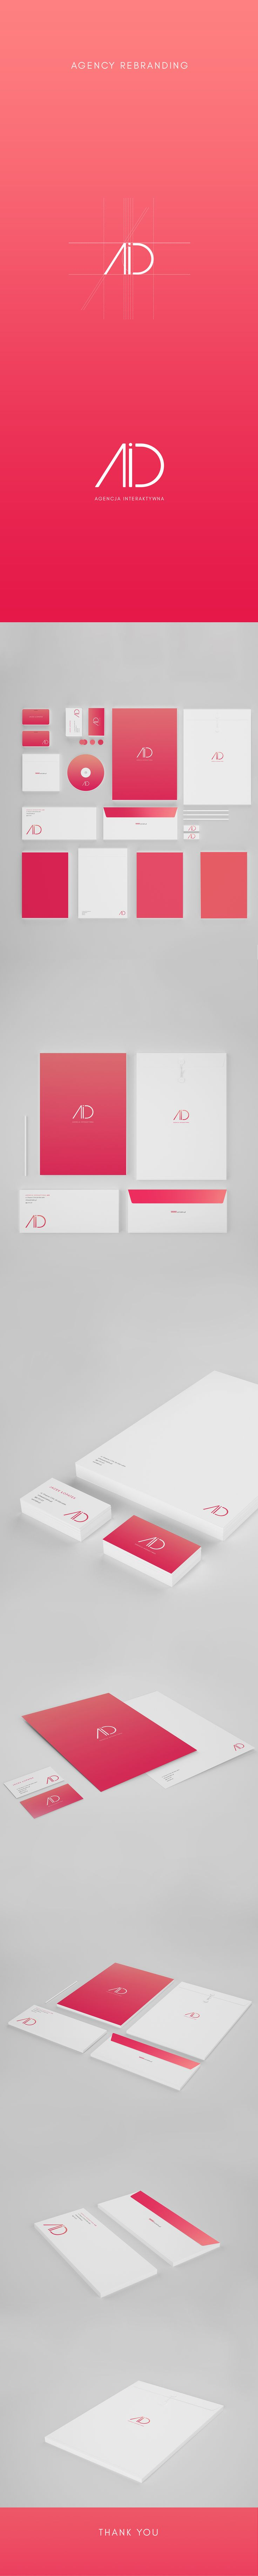 Agency Branding on Behance